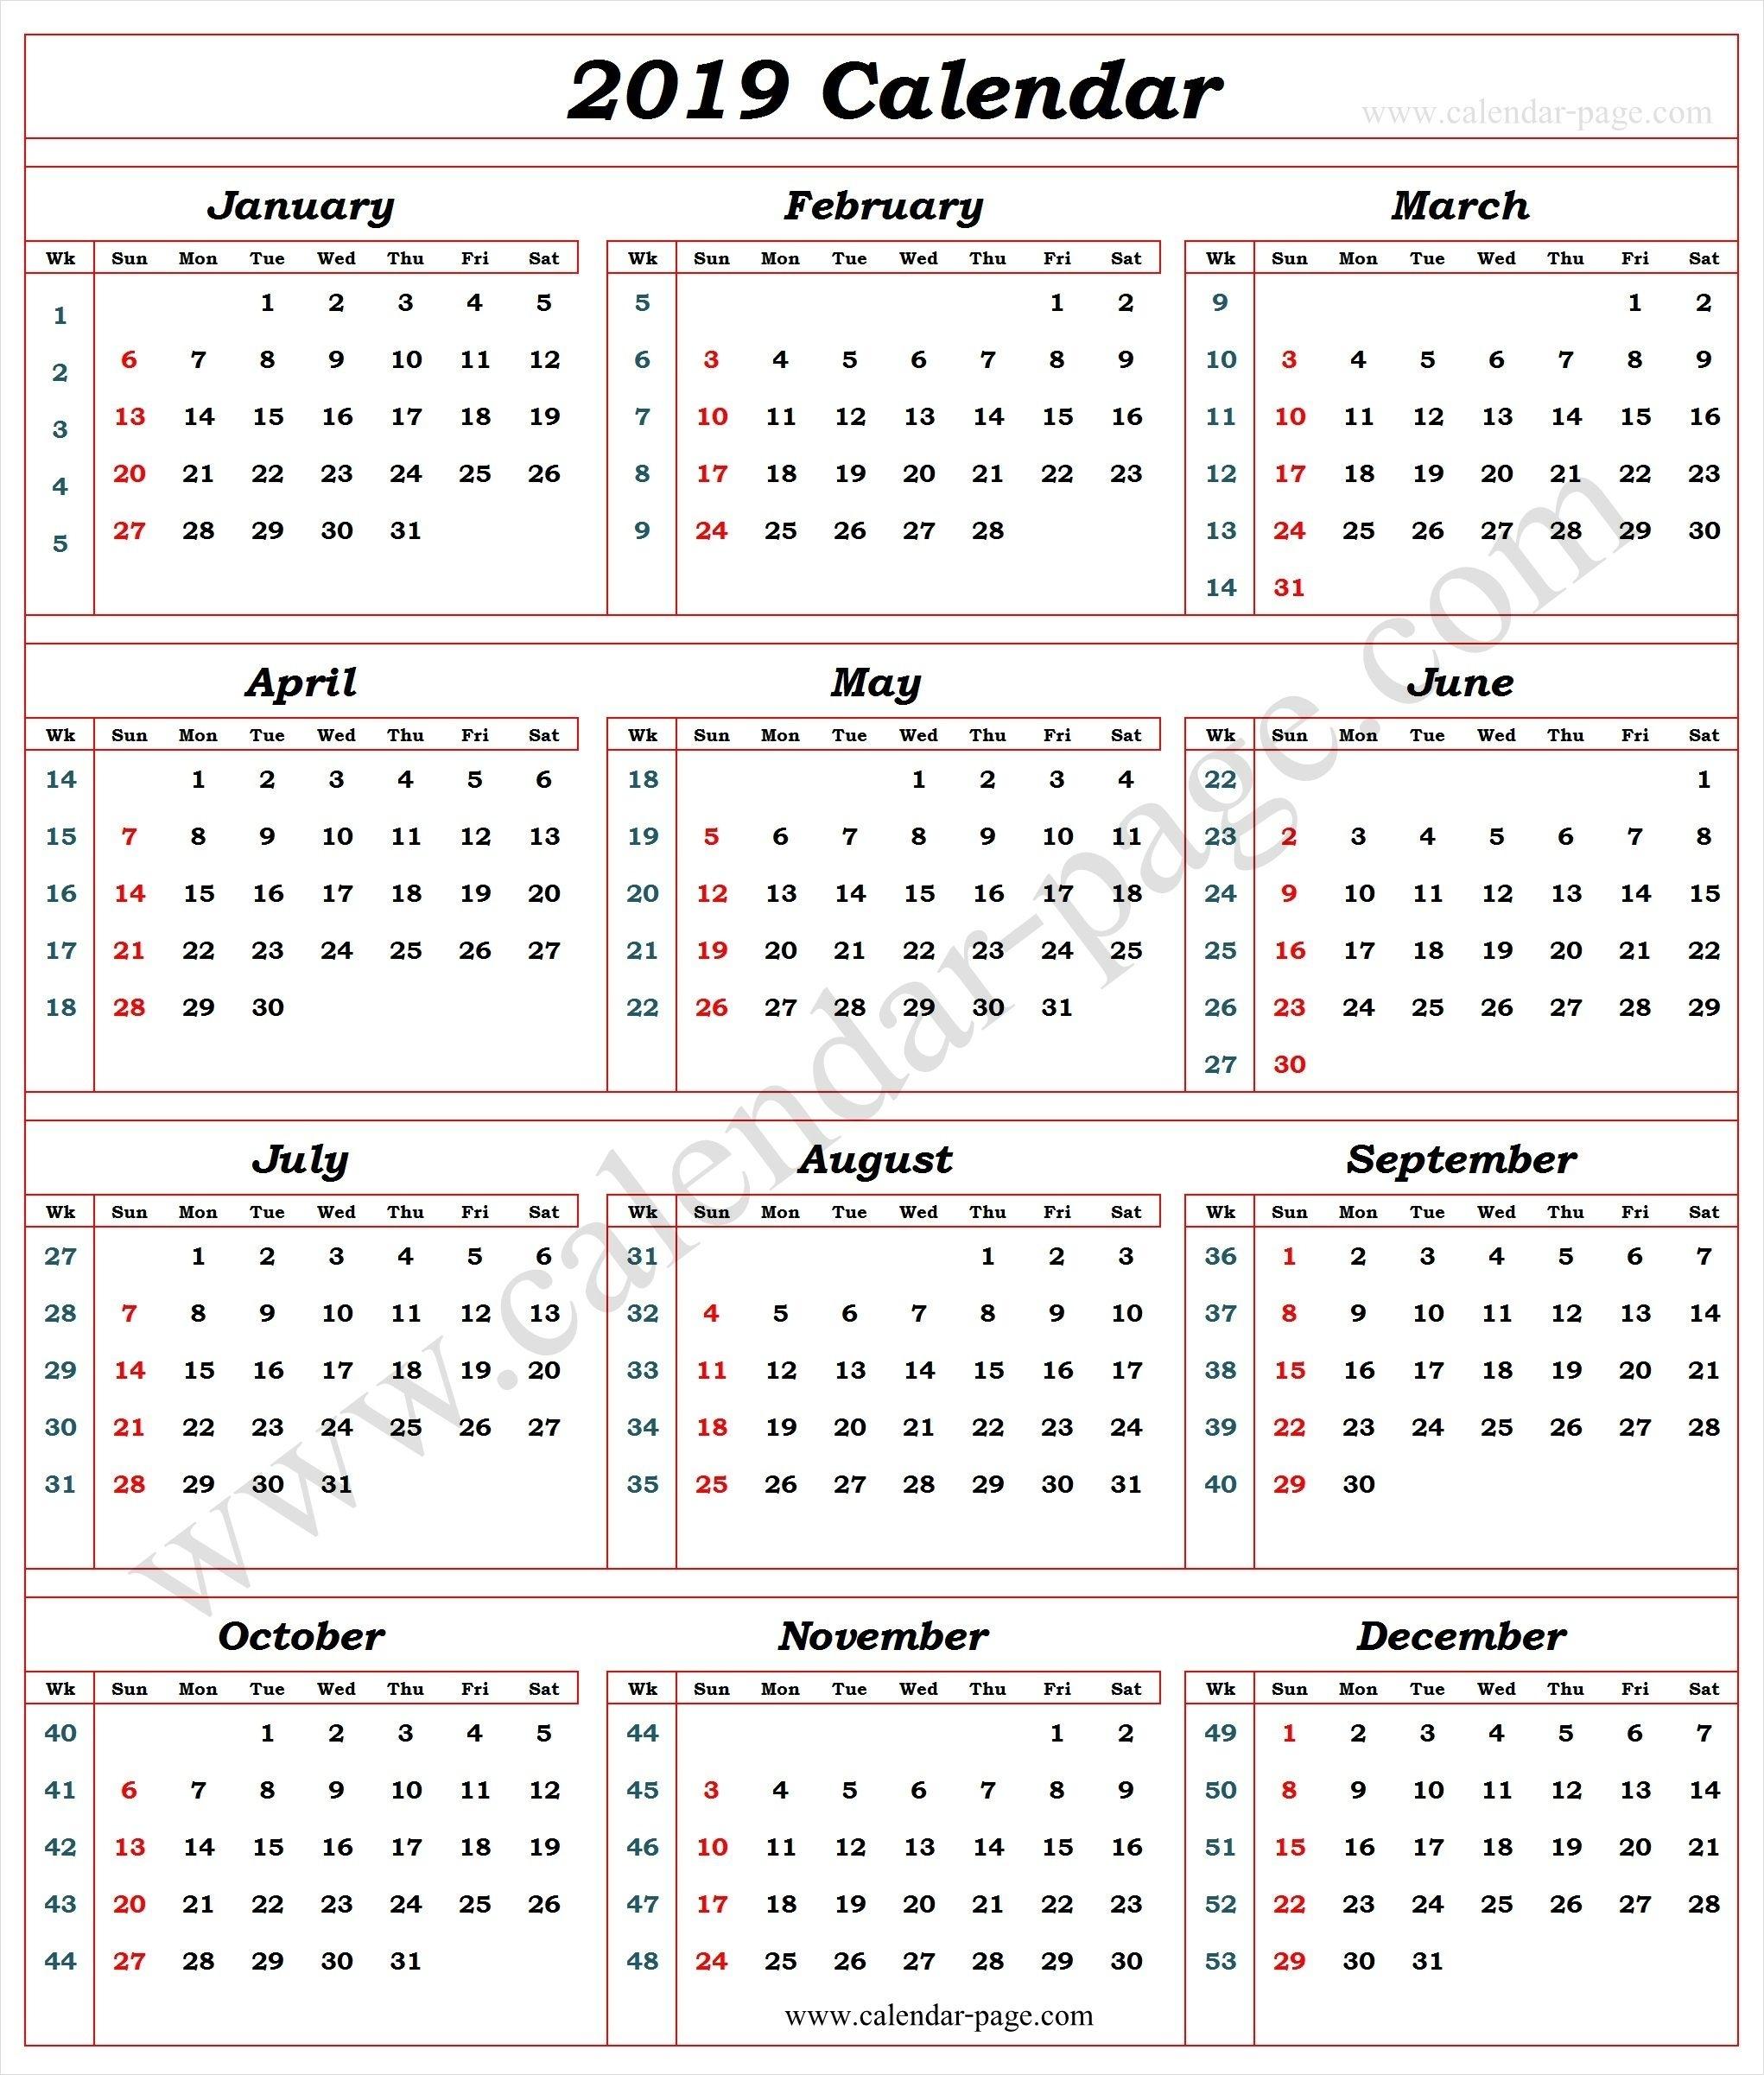 Calendar 2019 With Week Numbers | Calendar With Week Numbers inside Financial Calendar 2019/2020 Week Number 25